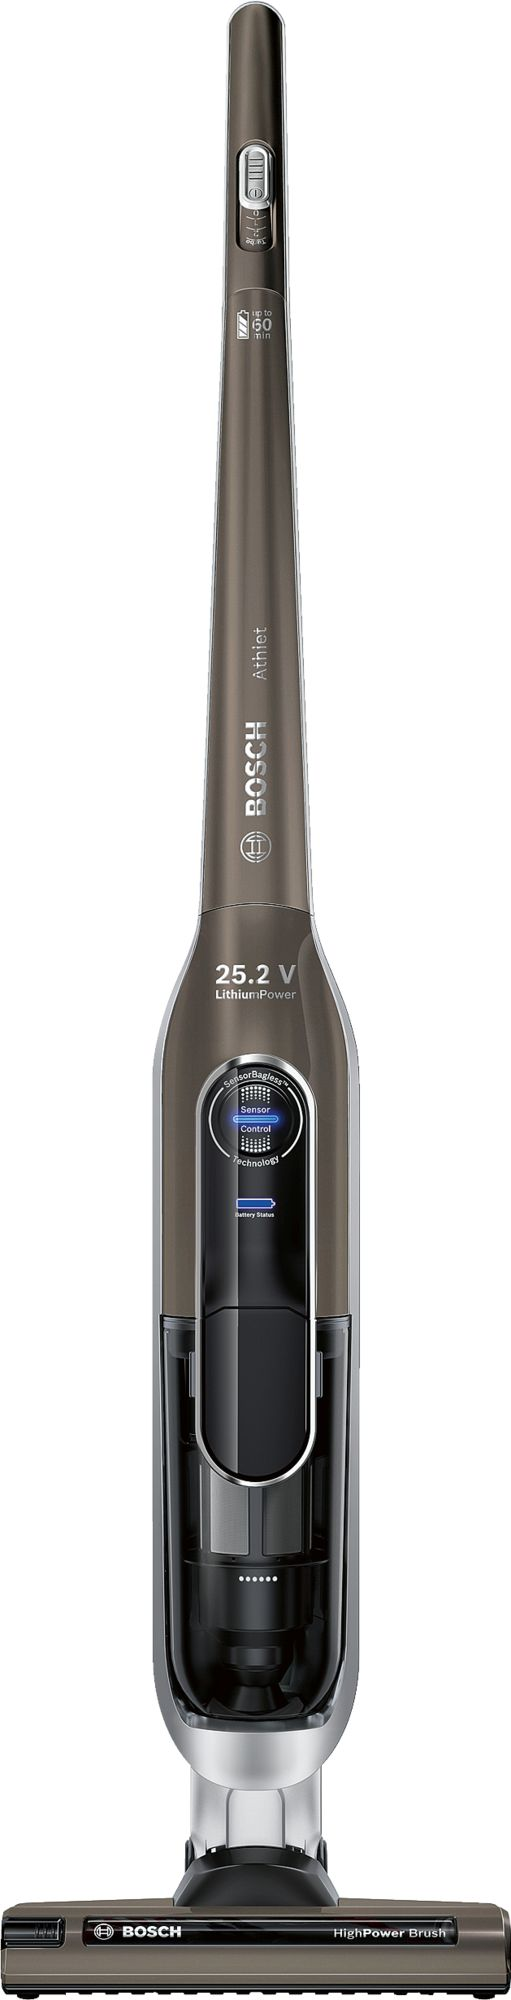 Bosch - Athlet 25.2V - Cordless Vacuum